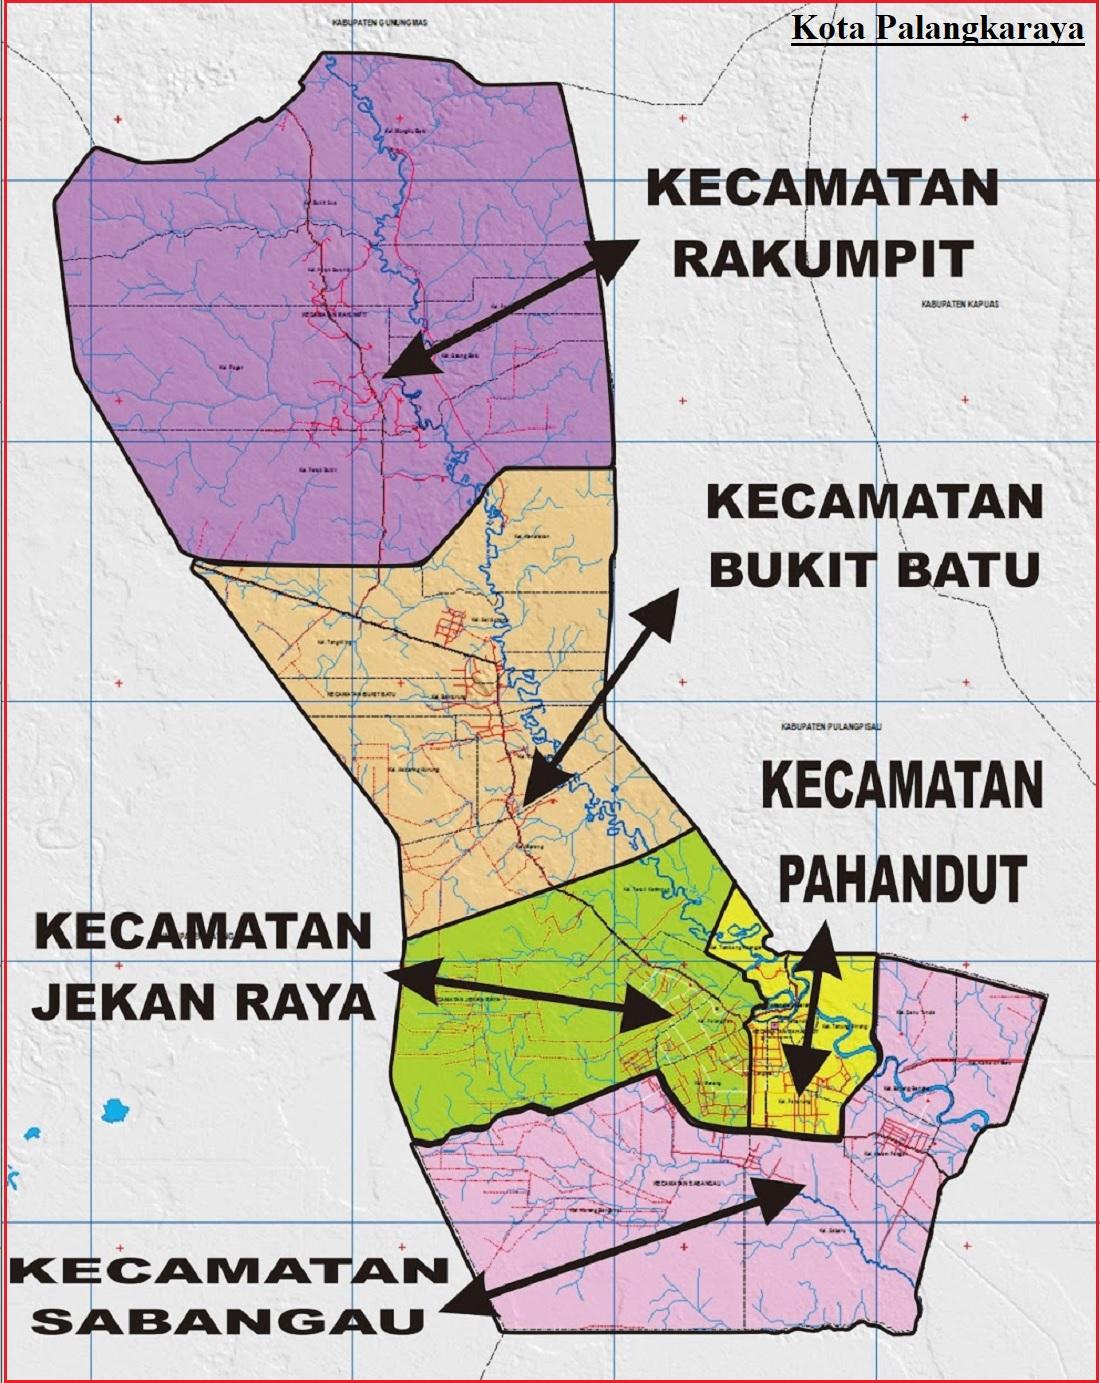 Peta Kota Palangka Raya